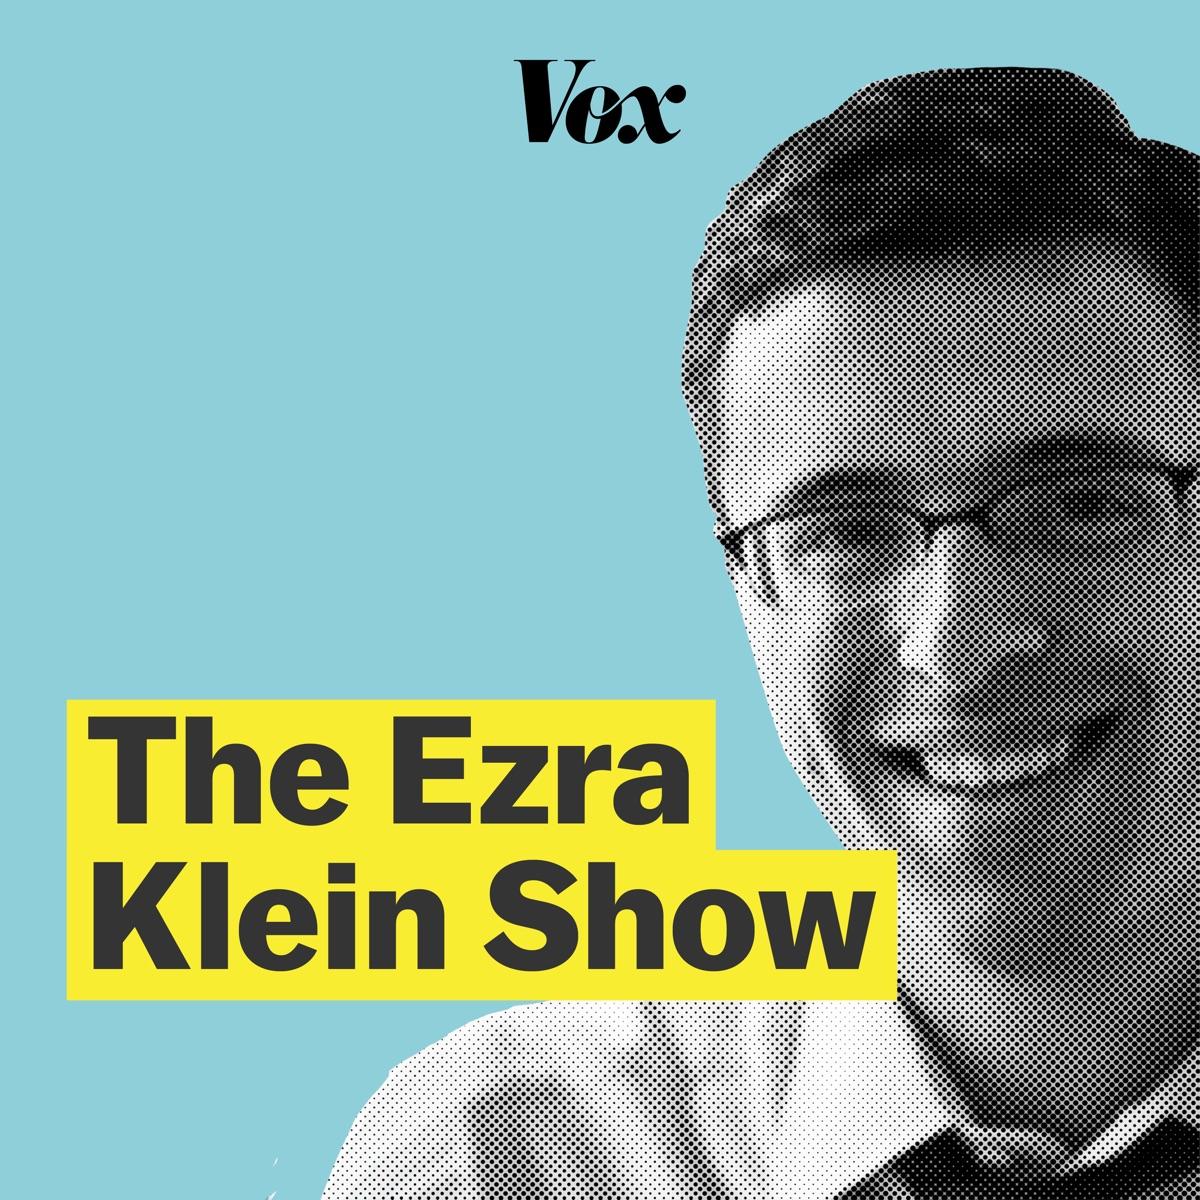 Weeds 2020: The Bernie electability debate